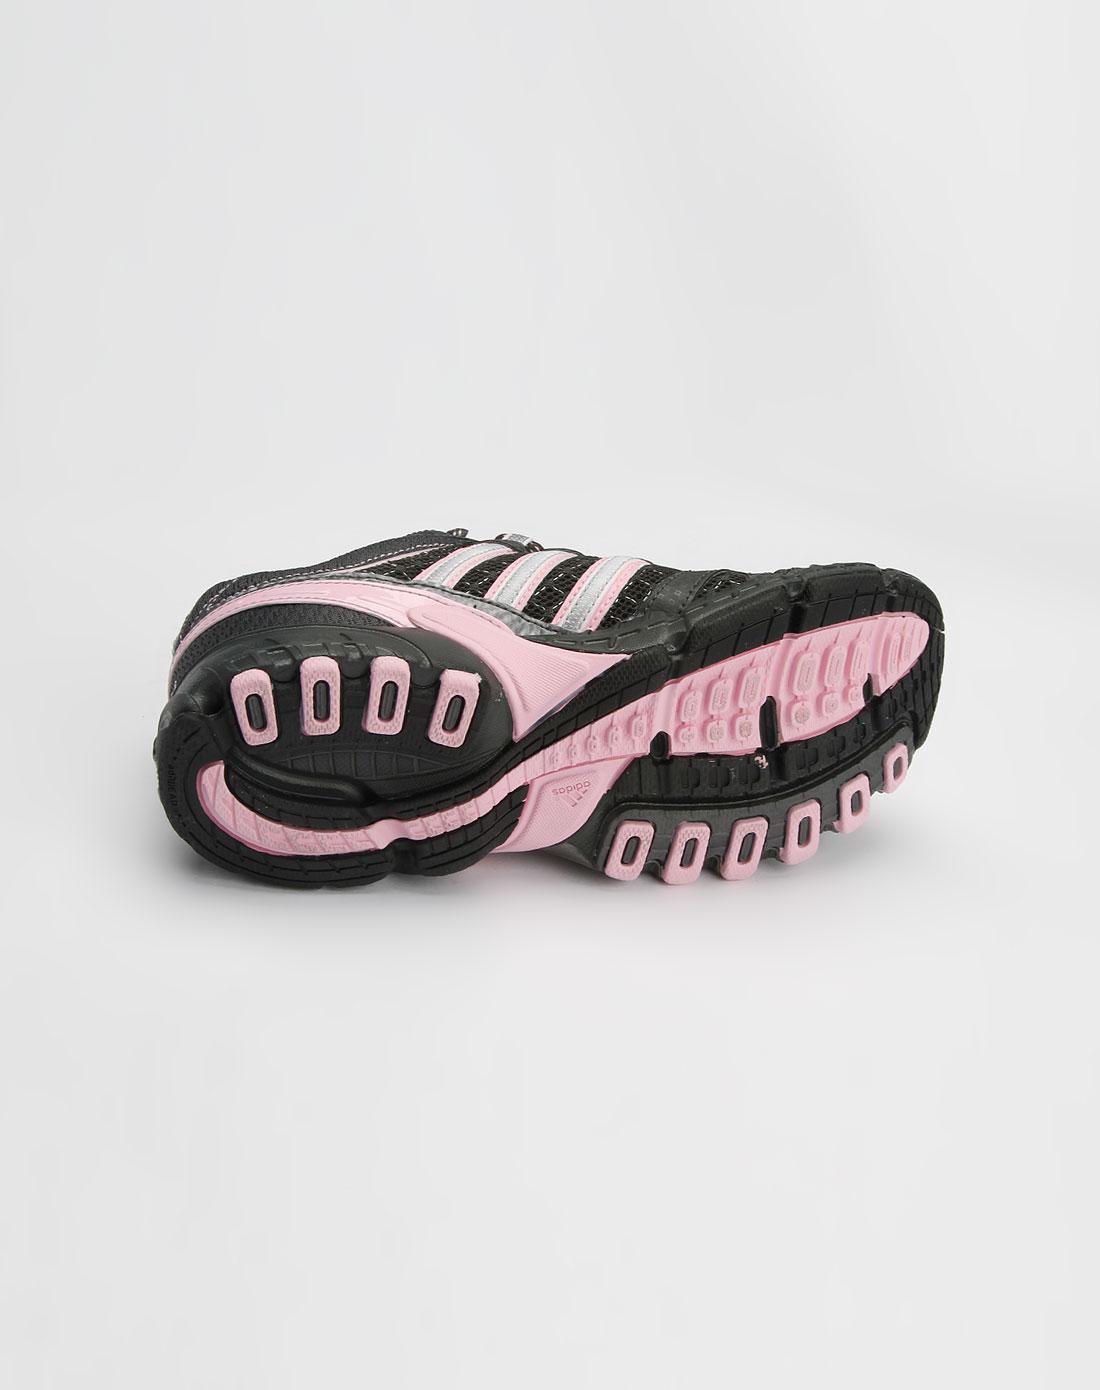 阿迪达斯adidas女款黑/粉红/银色运动鞋990708